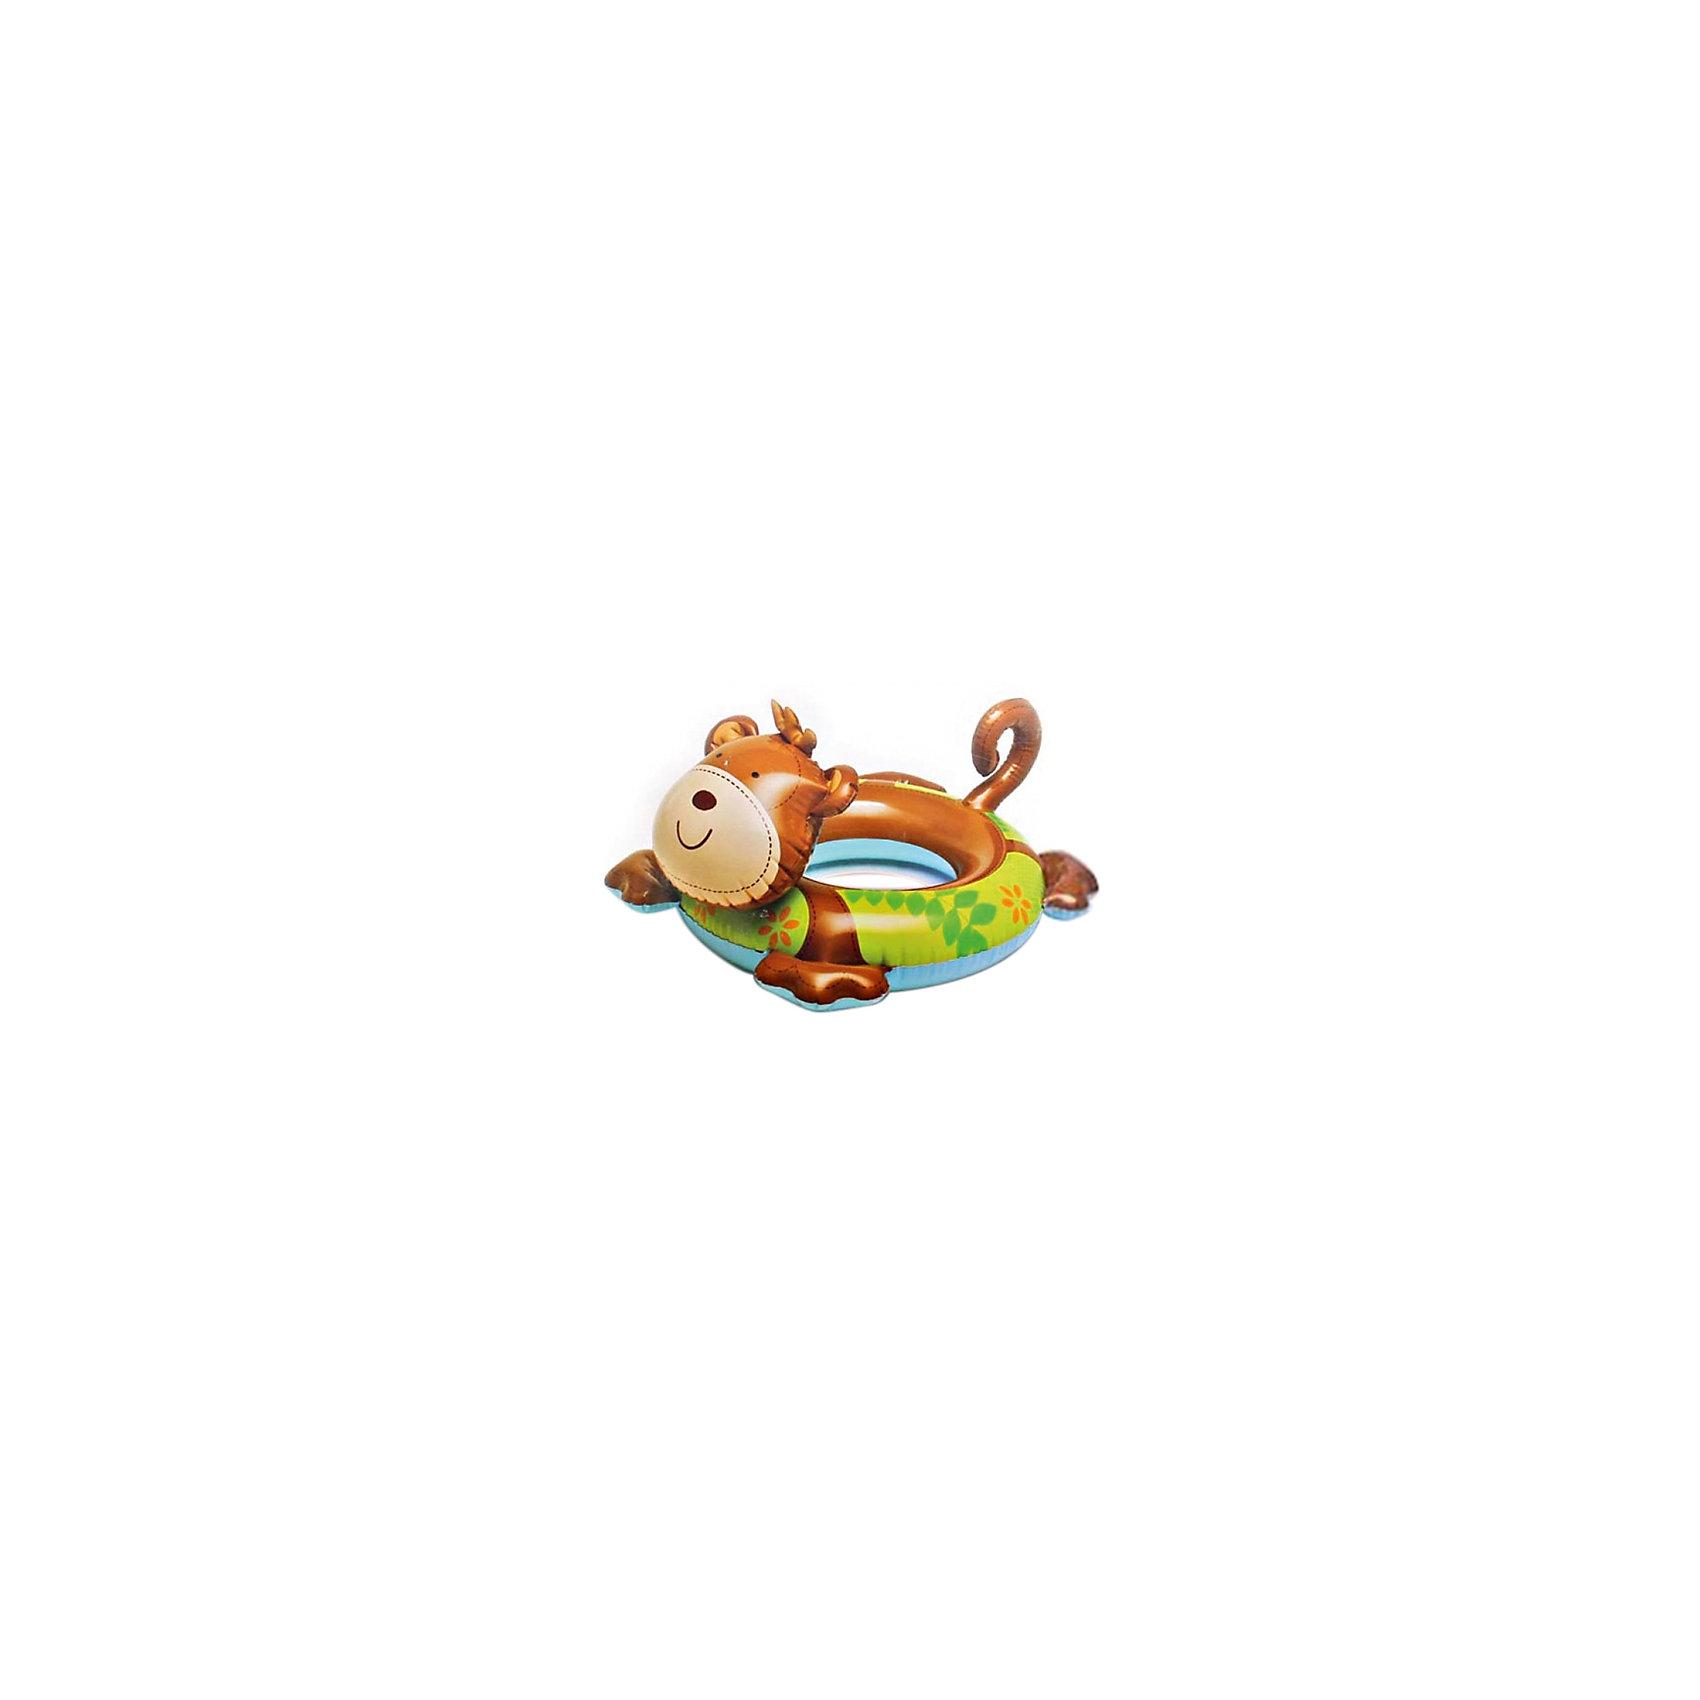 Детский надувной круг Зверюшка - Обезьянка, IntexКруги и нарукавники<br>Характеристики товара:<br><br>• размер: 81x56 см.<br>• толщина винила 0,20 мм.<br>• максимальная нагрузка до 20 кг.<br>• гладкий внутренний шов<br>• двойной клапан<br><br>Детский надувной круг от Intex (Интекс), выполненный в виде очаровательной обезьянки, замечательно подойдет для обучения малыша плаванию. <br><br>Круг изготовлен из прочного винила, его окраска нанесена не сверху, а как бы пропитывает материал, поэтому не стирается и не выцветает. <br><br>Двойной клапан исключает случайное травление воздуха. <br><br>Детский надувной круг Зверюшка, Intex (Интекс) можно купить в нашем интернет-магазине.<br><br>Ширина мм: 190<br>Глубина мм: 128<br>Высота мм: 40<br>Вес г: 280<br>Возраст от месяцев: 36<br>Возраст до месяцев: 72<br>Пол: Унисекс<br>Возраст: Детский<br>SKU: 4801492